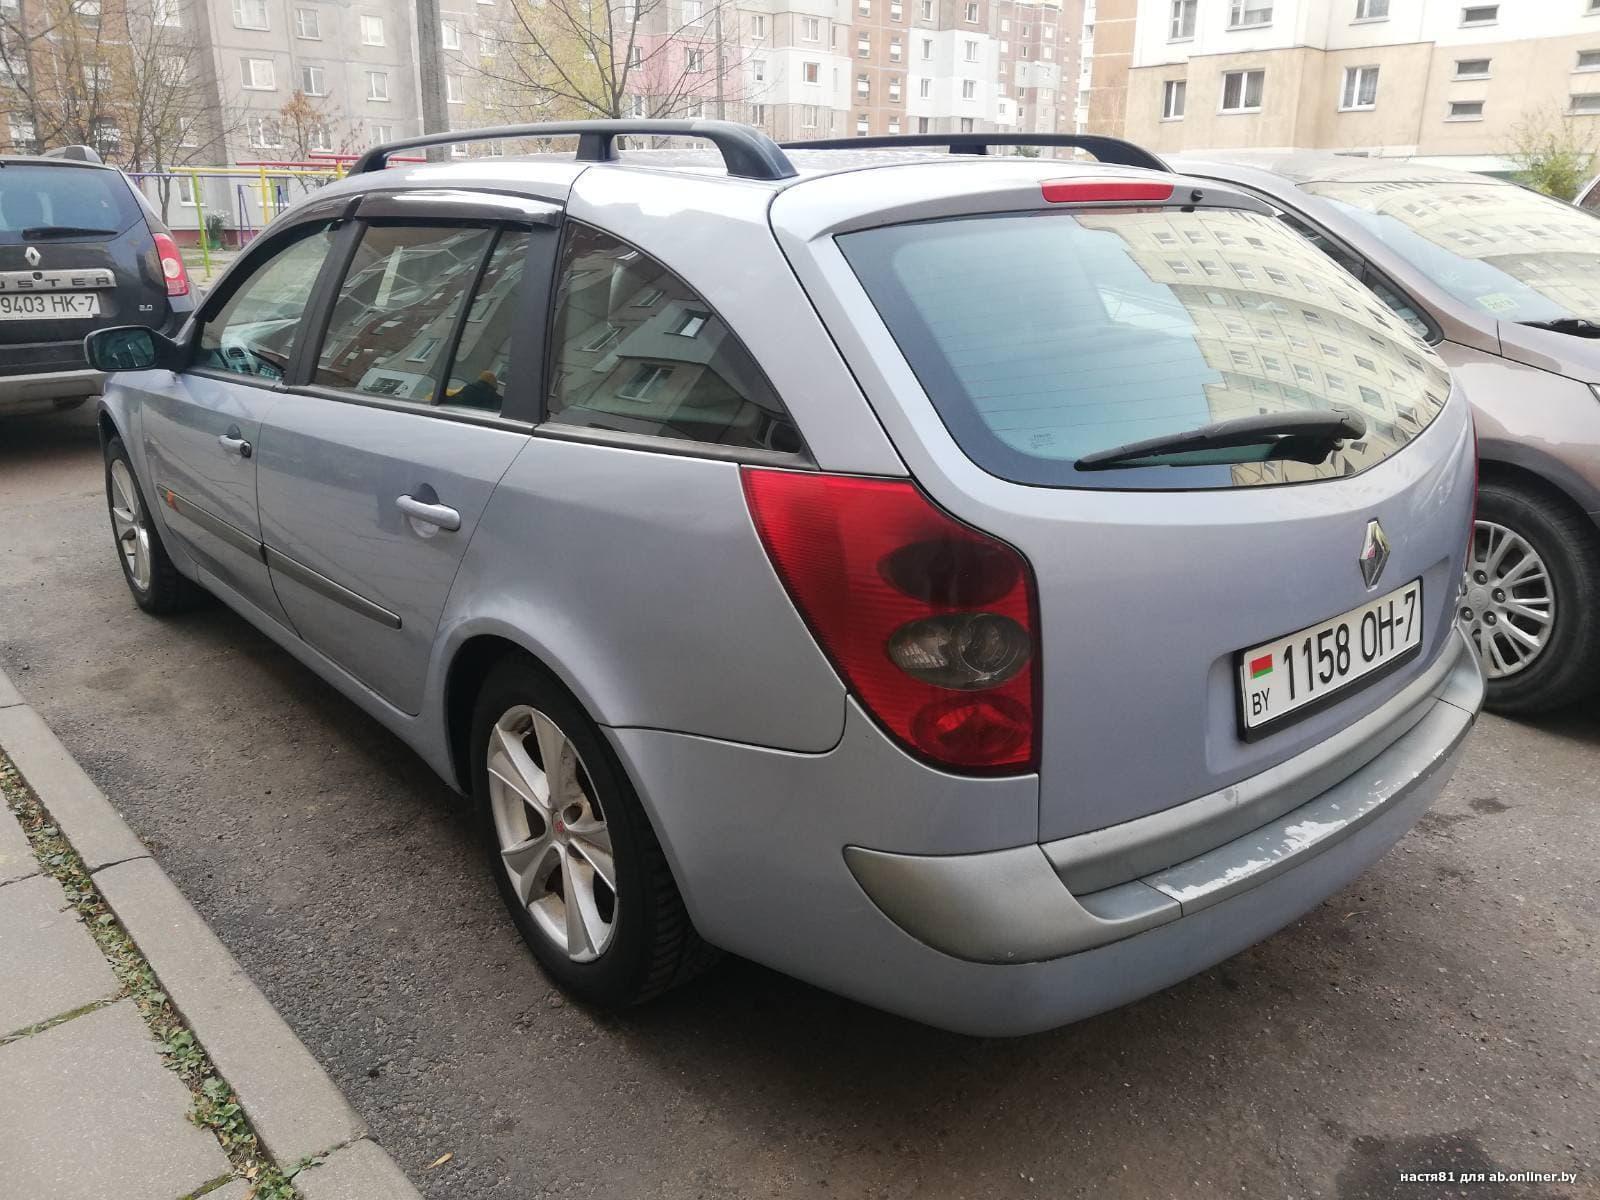 Renault Laguna TDI